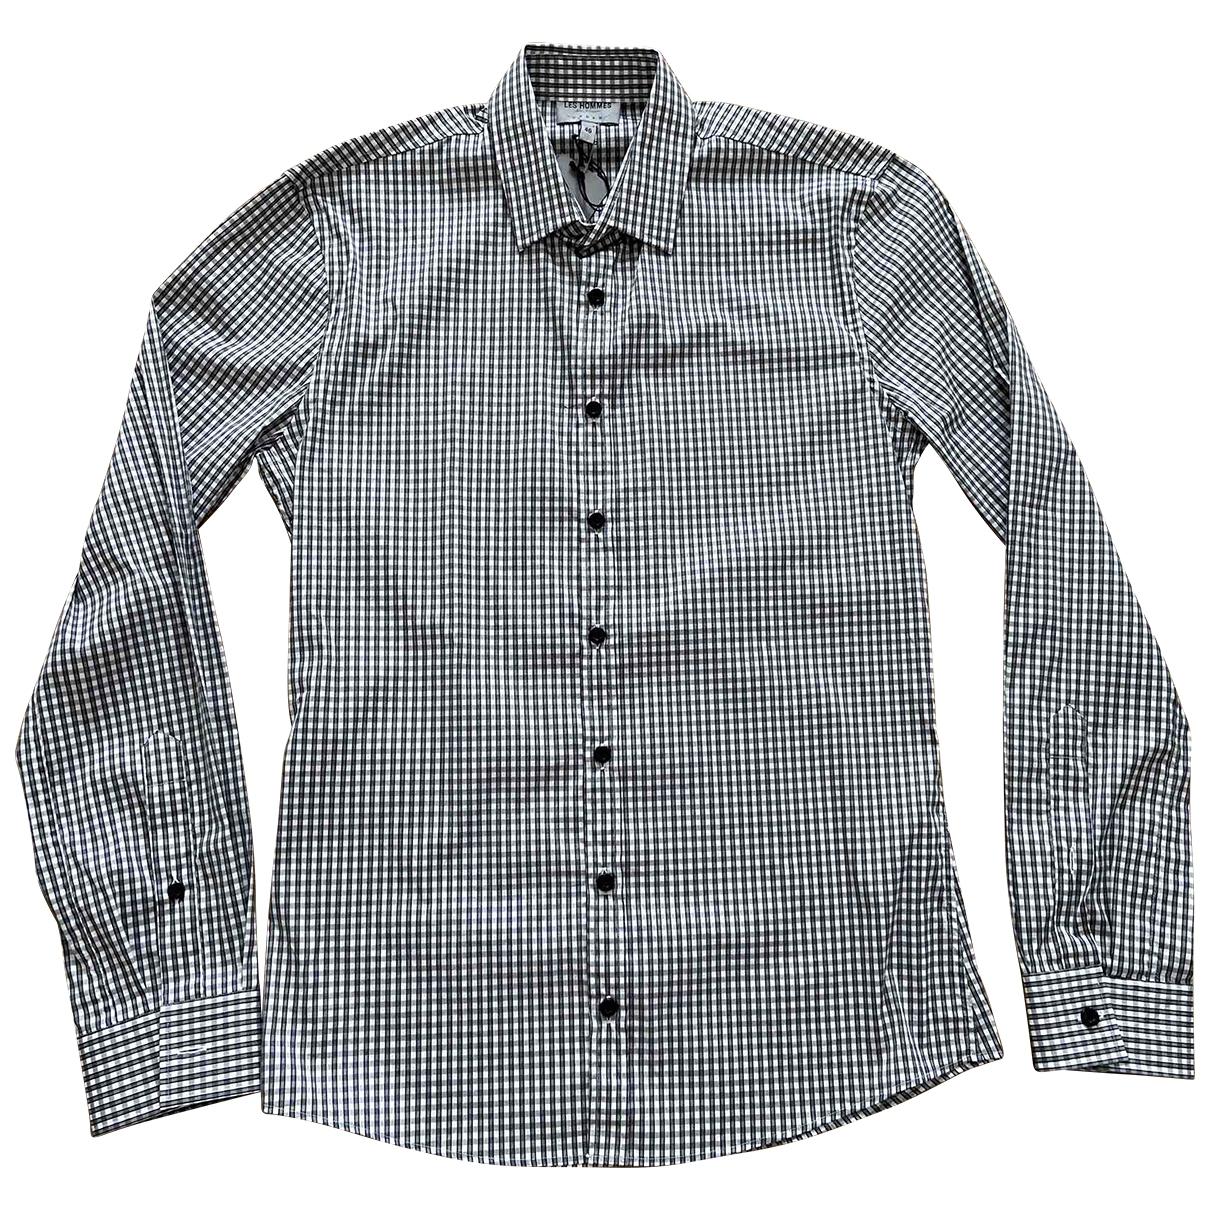 Les Hommes - Chemises   pour homme en coton - blanc